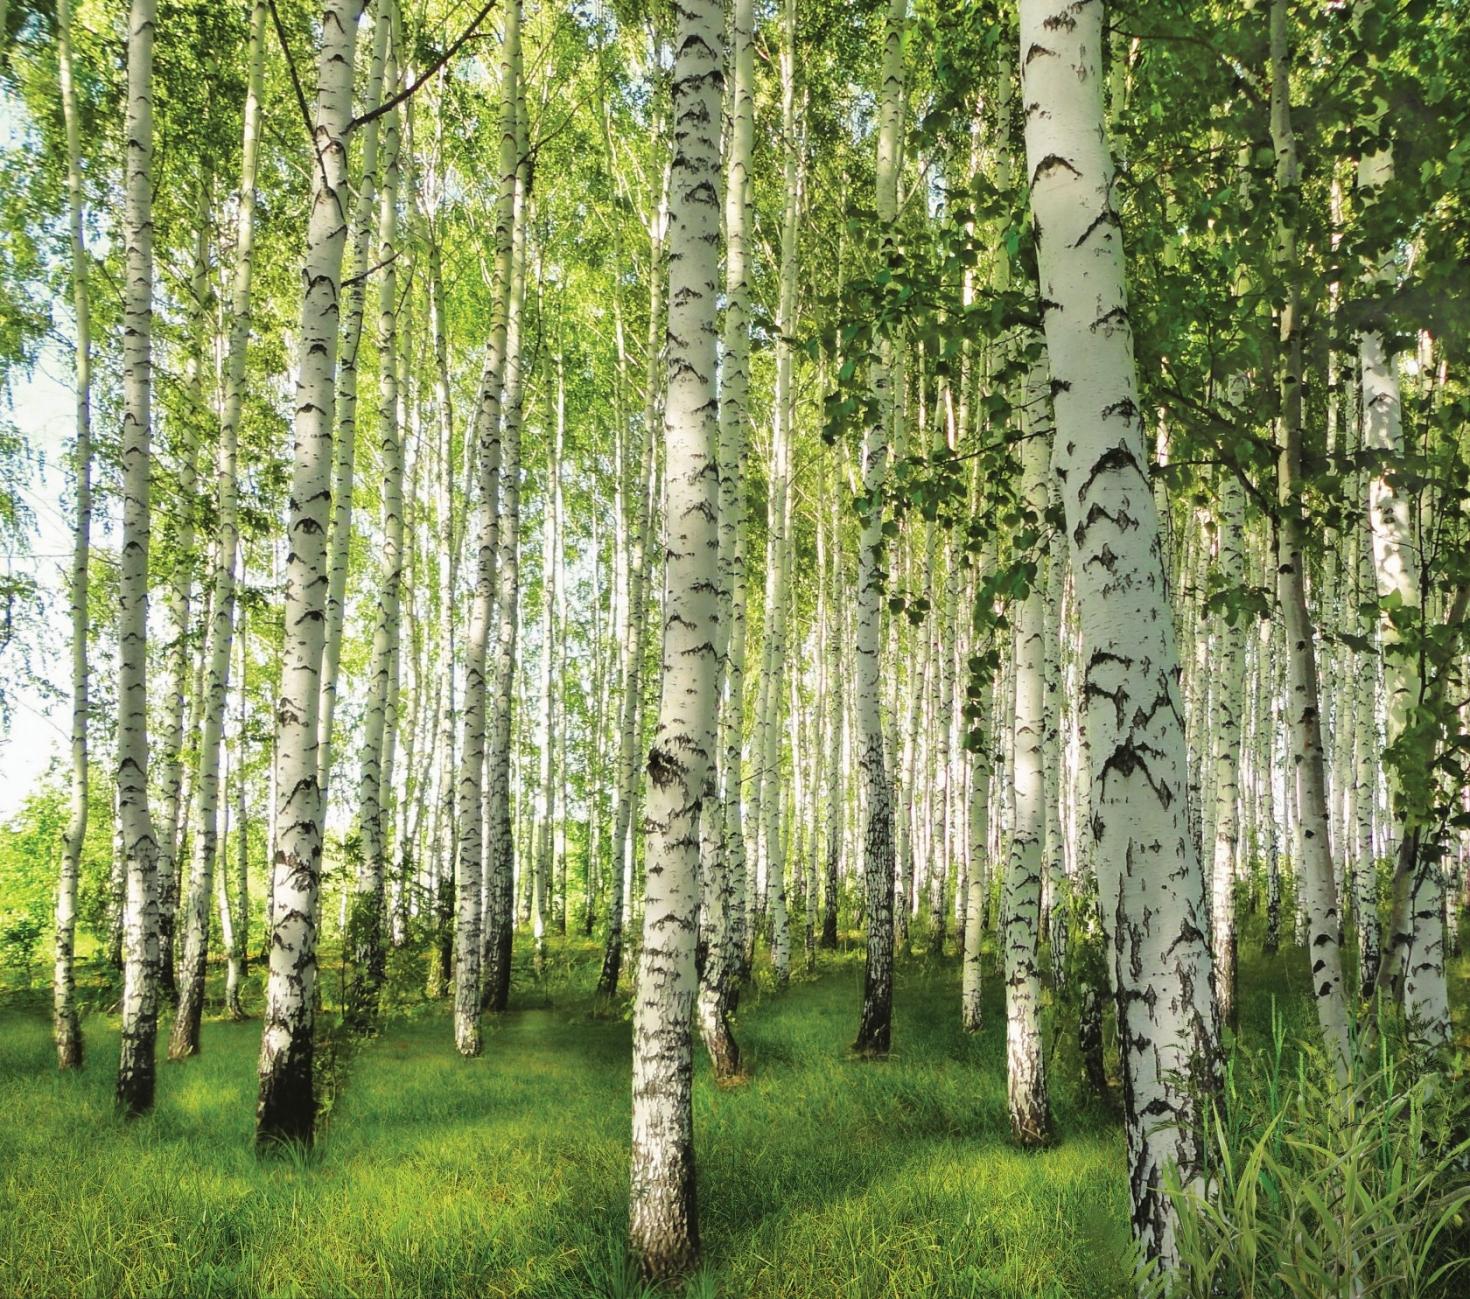 Фотообои Березовая роща 055 (2,94х2,60 м), цвет зеленый, купить в магазине Элизиум